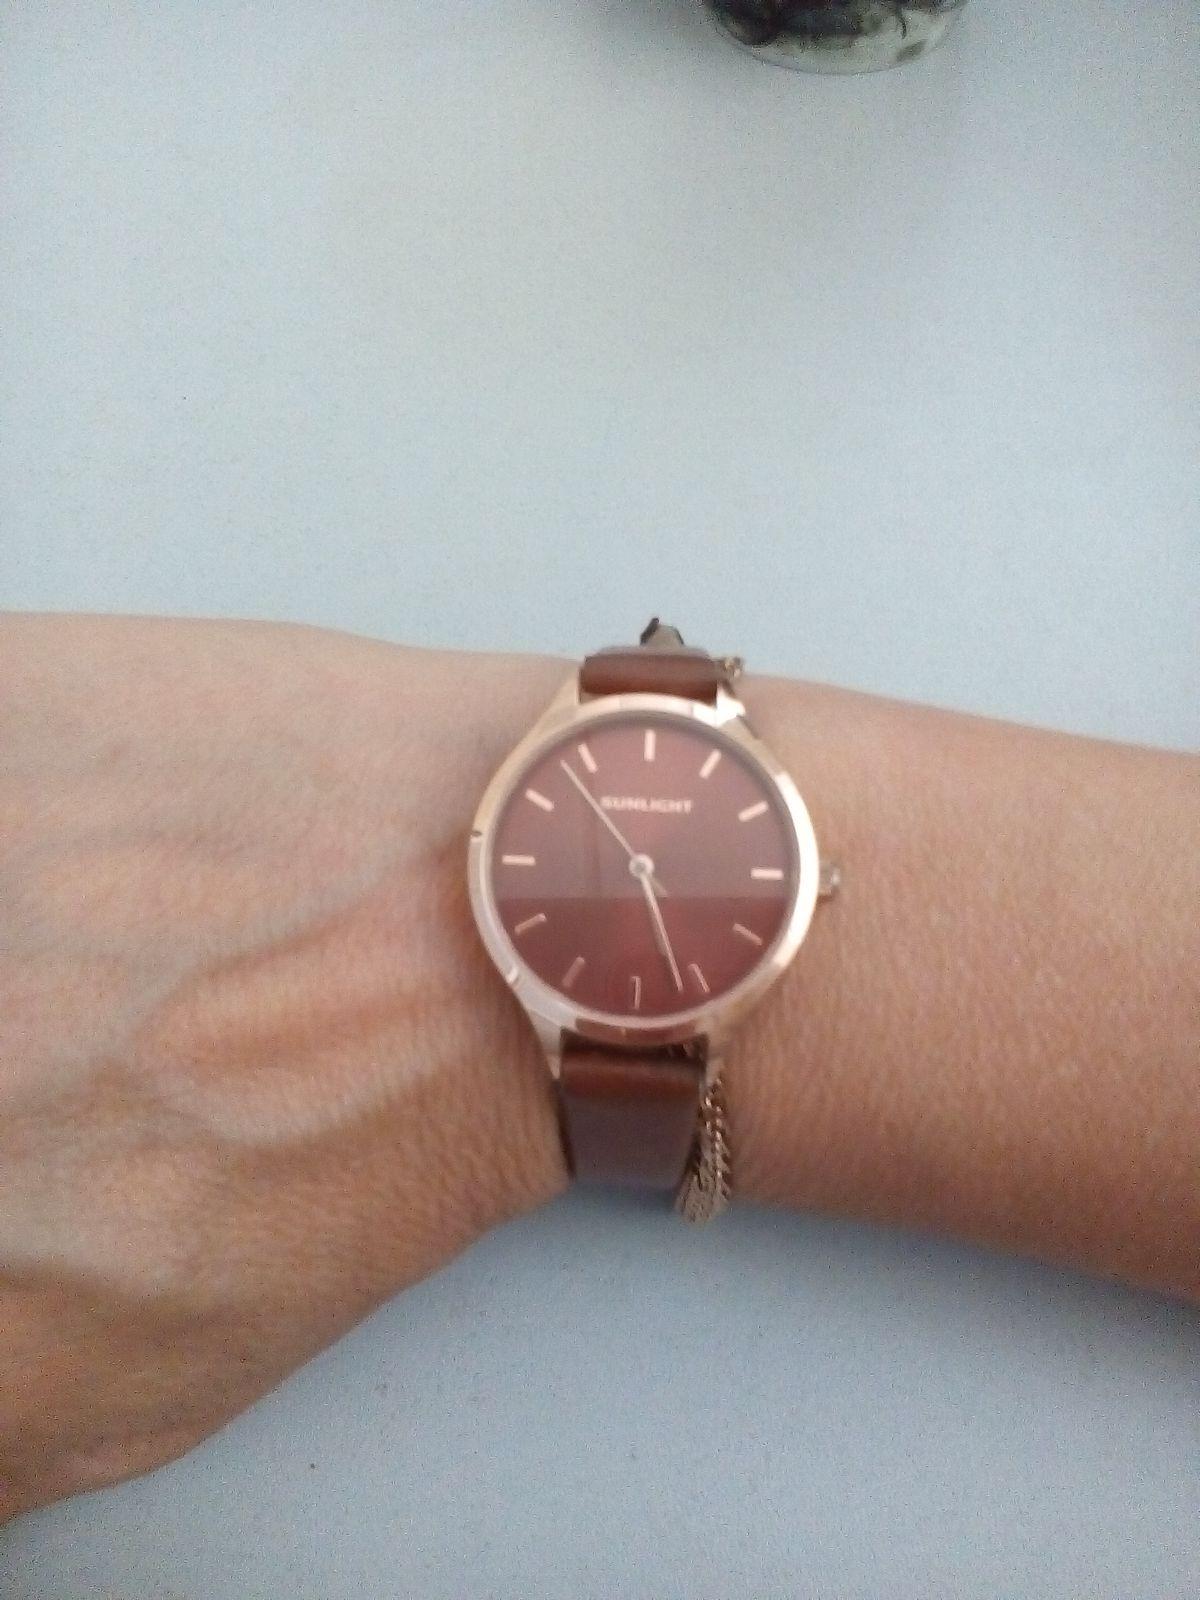 Часы с подвеской.Очень красивые часы,мне нравятся. Смотрятся стильно.